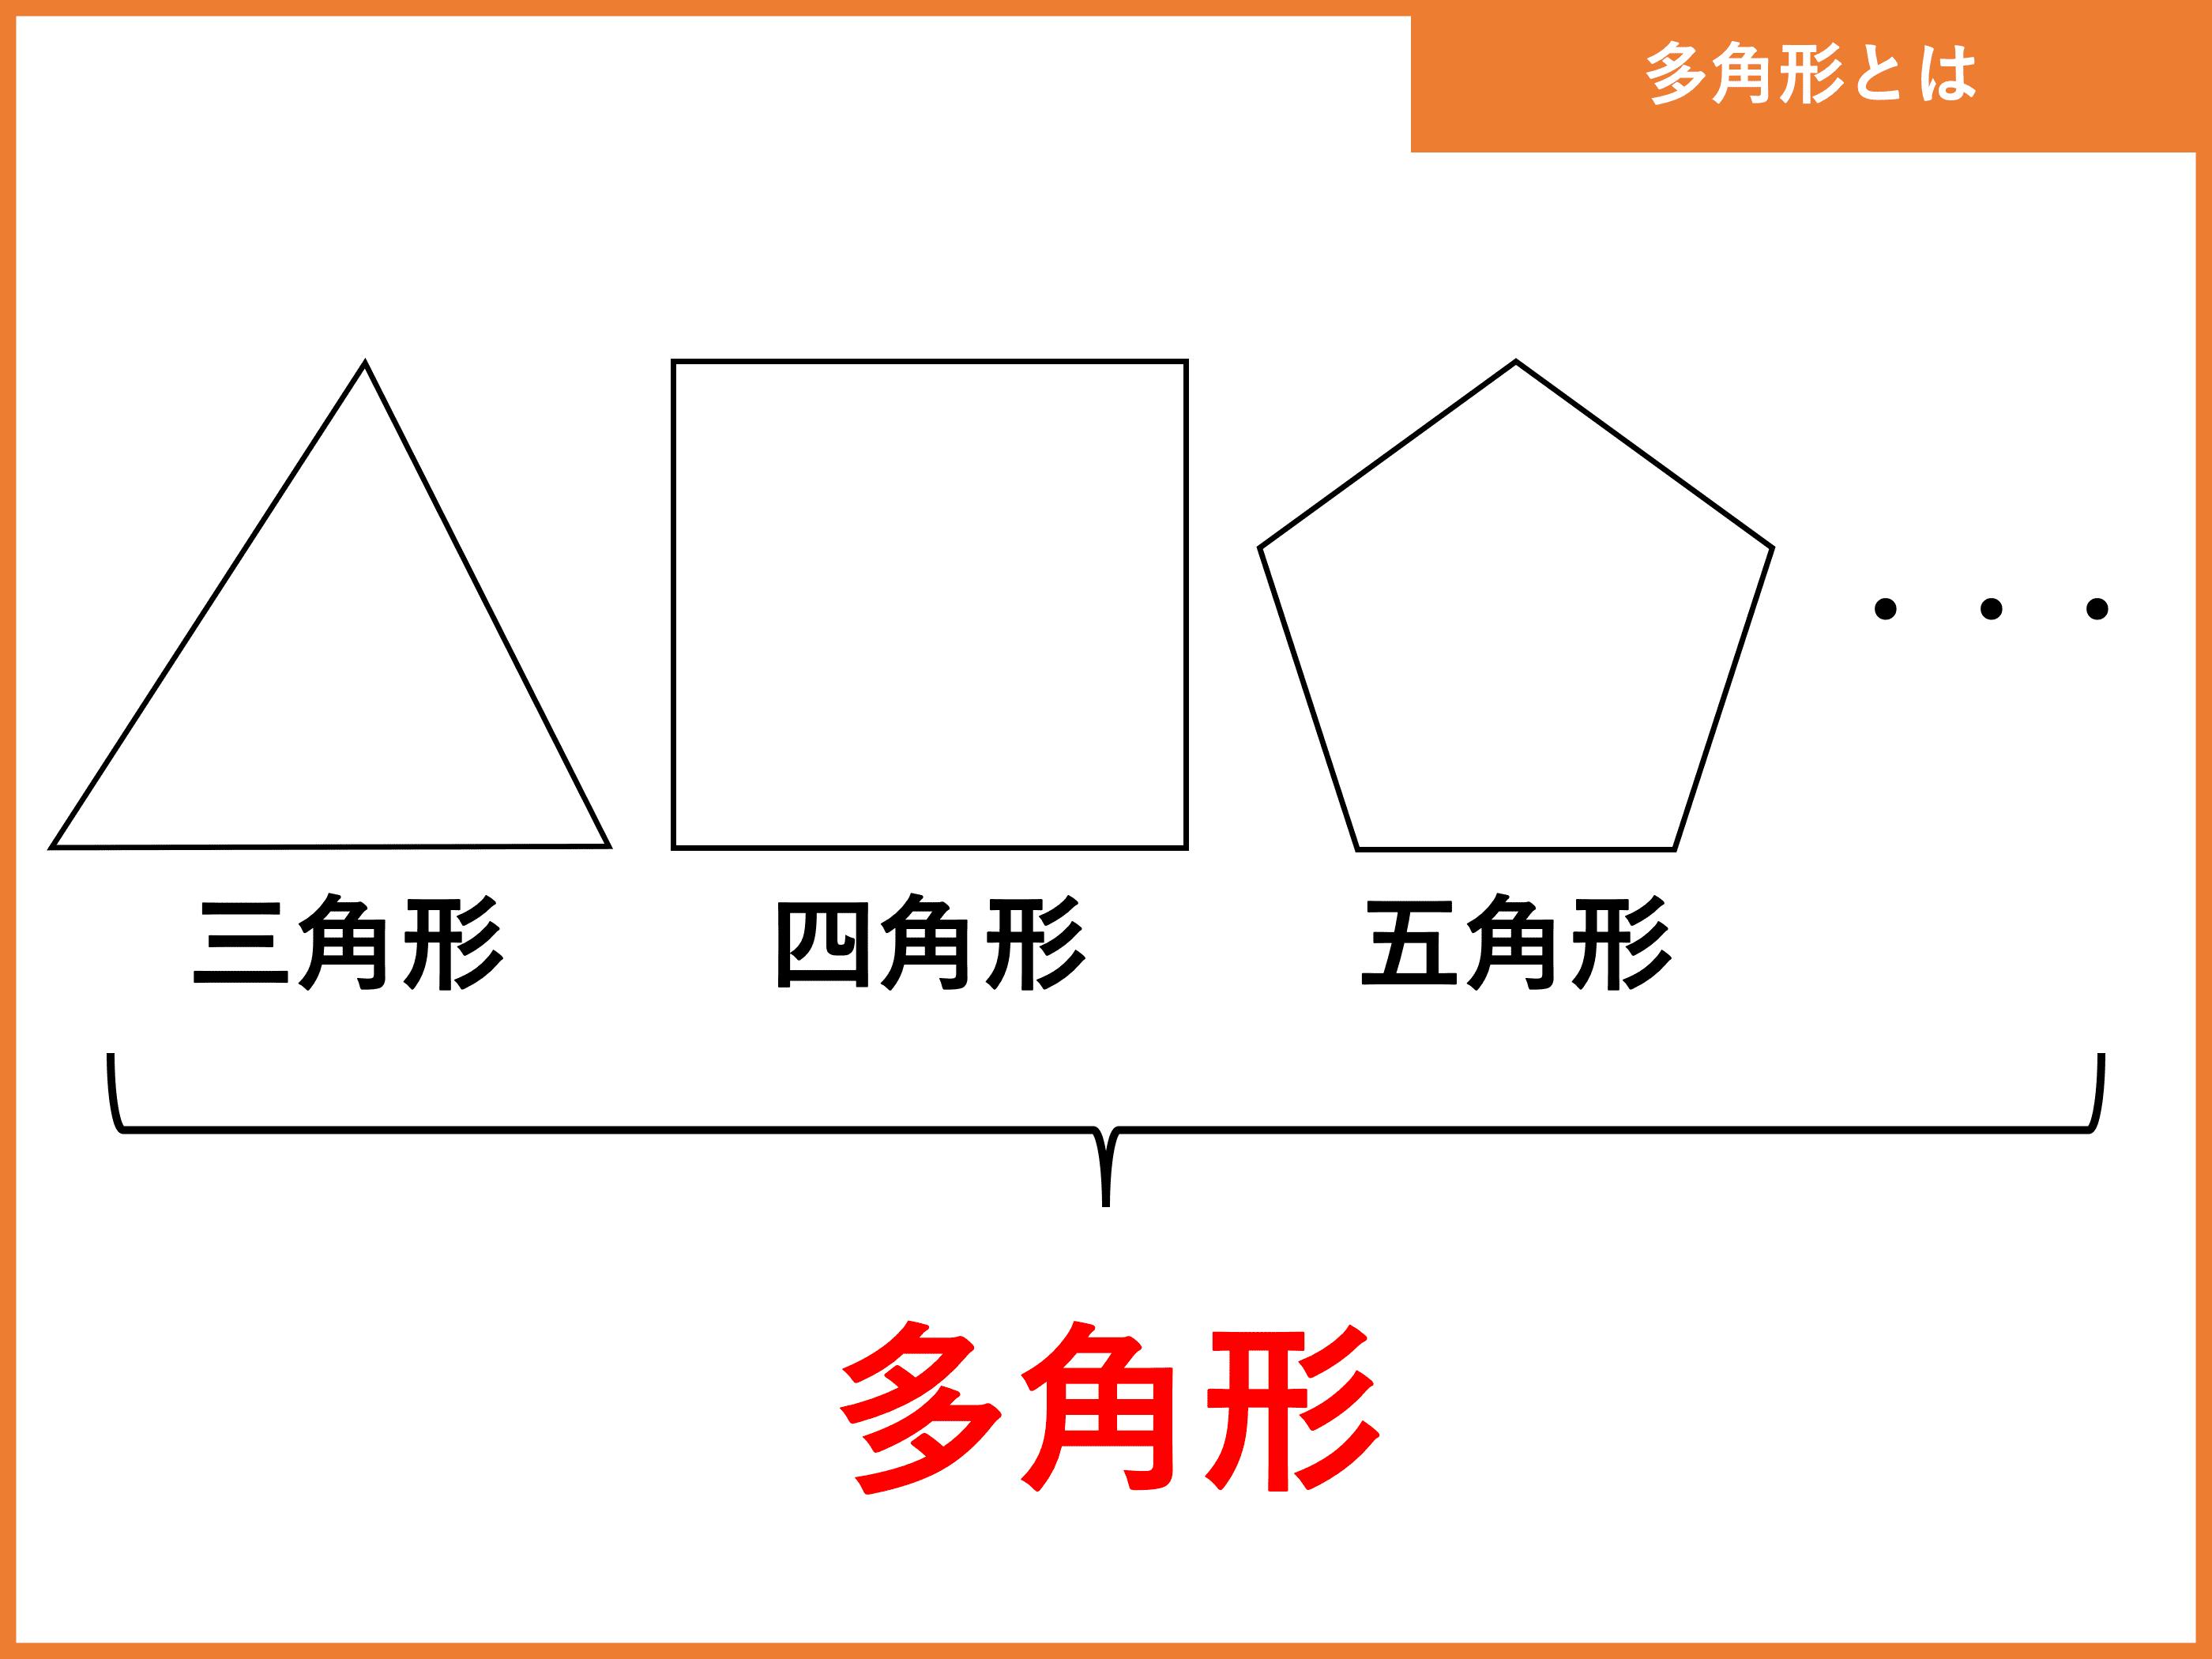 公式 本数 対角線 の